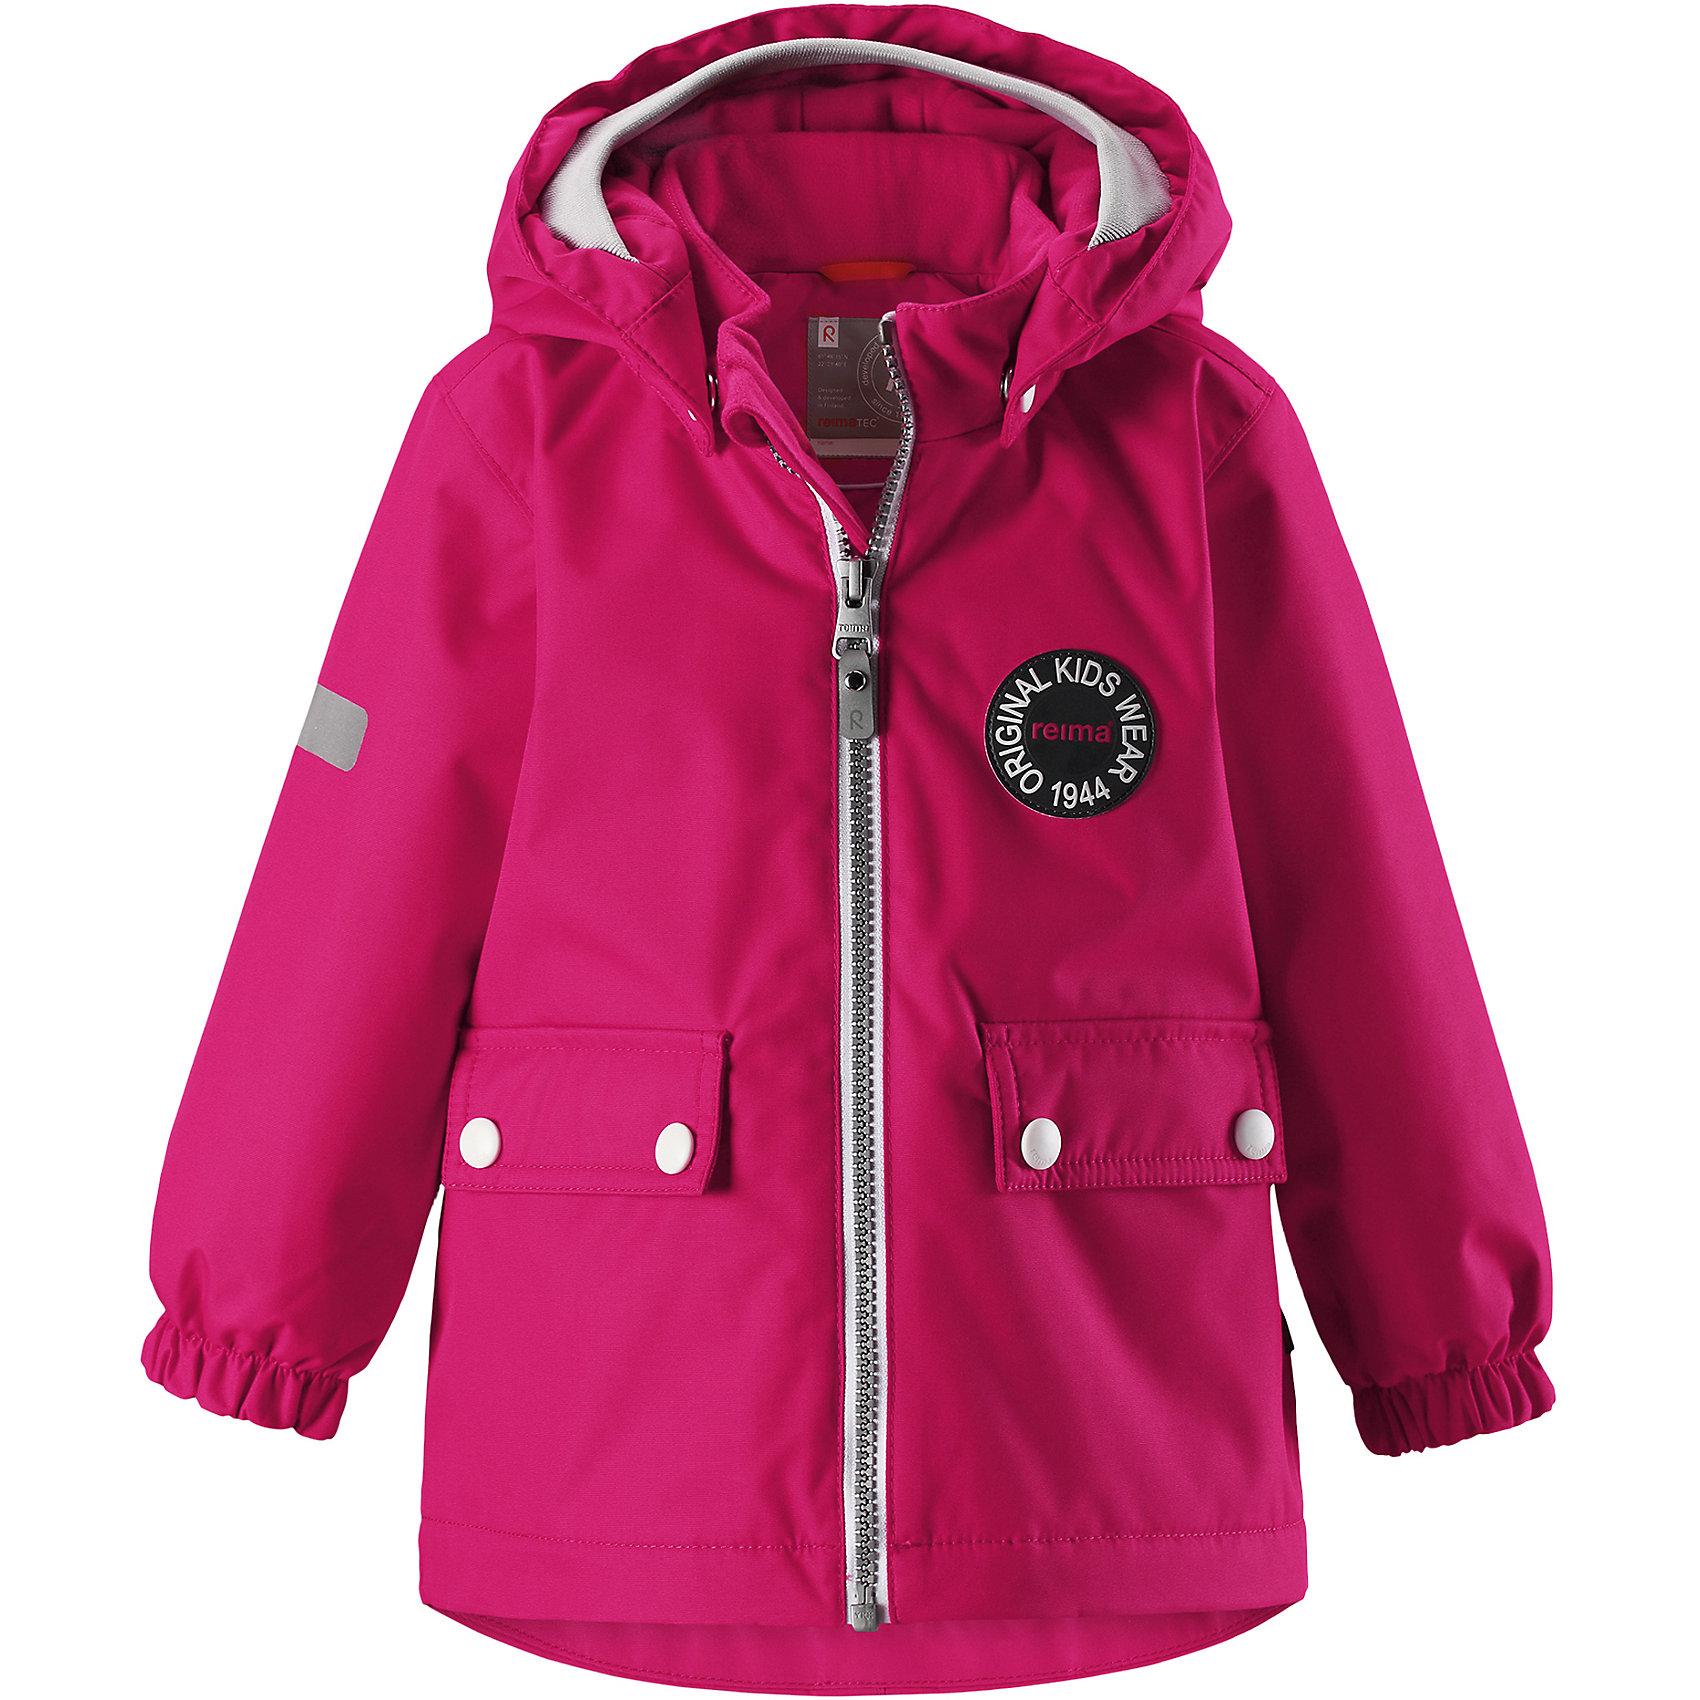 Куртка Quilt Reimatec® ReimaВерхняя одежда<br>Фасон этой очень популярной утепленной и непромокаемой куртки для малышей навеян мотивами дизайна Reima® 70-х. Самые важные швы в этой демисезонной куртке проклеены и водонепроницаемы, а сама она изготовлена из ветронепроницаемого, дышащего материала с водо- и грязеотталкивающей поверхностью. Гладкая подкладка из полиэстера поможет быстро одеться. Съемный капюшон не только защищает от пронизывающего ветра, но еще и безопасен во время игр на свежем воздухе. Кнопки легко отстегиваются, если капюшон случайно за что-нибудь зацепится. Мягкая резинка по краю регулируемого капюшона, а также большие карманы с клапанами и светоотражающие детали придают образу изюминку. Дополните ретро-образ симпатичными аксессуарами!<br>Состав:<br>100% Полиэстер<br><br>Ширина мм: 356<br>Глубина мм: 10<br>Высота мм: 245<br>Вес г: 519<br>Цвет: розовый<br>Возраст от месяцев: 24<br>Возраст до месяцев: 36<br>Пол: Унисекс<br>Возраст: Детский<br>Размер: 98,80,86,92<br>SKU: 6968417